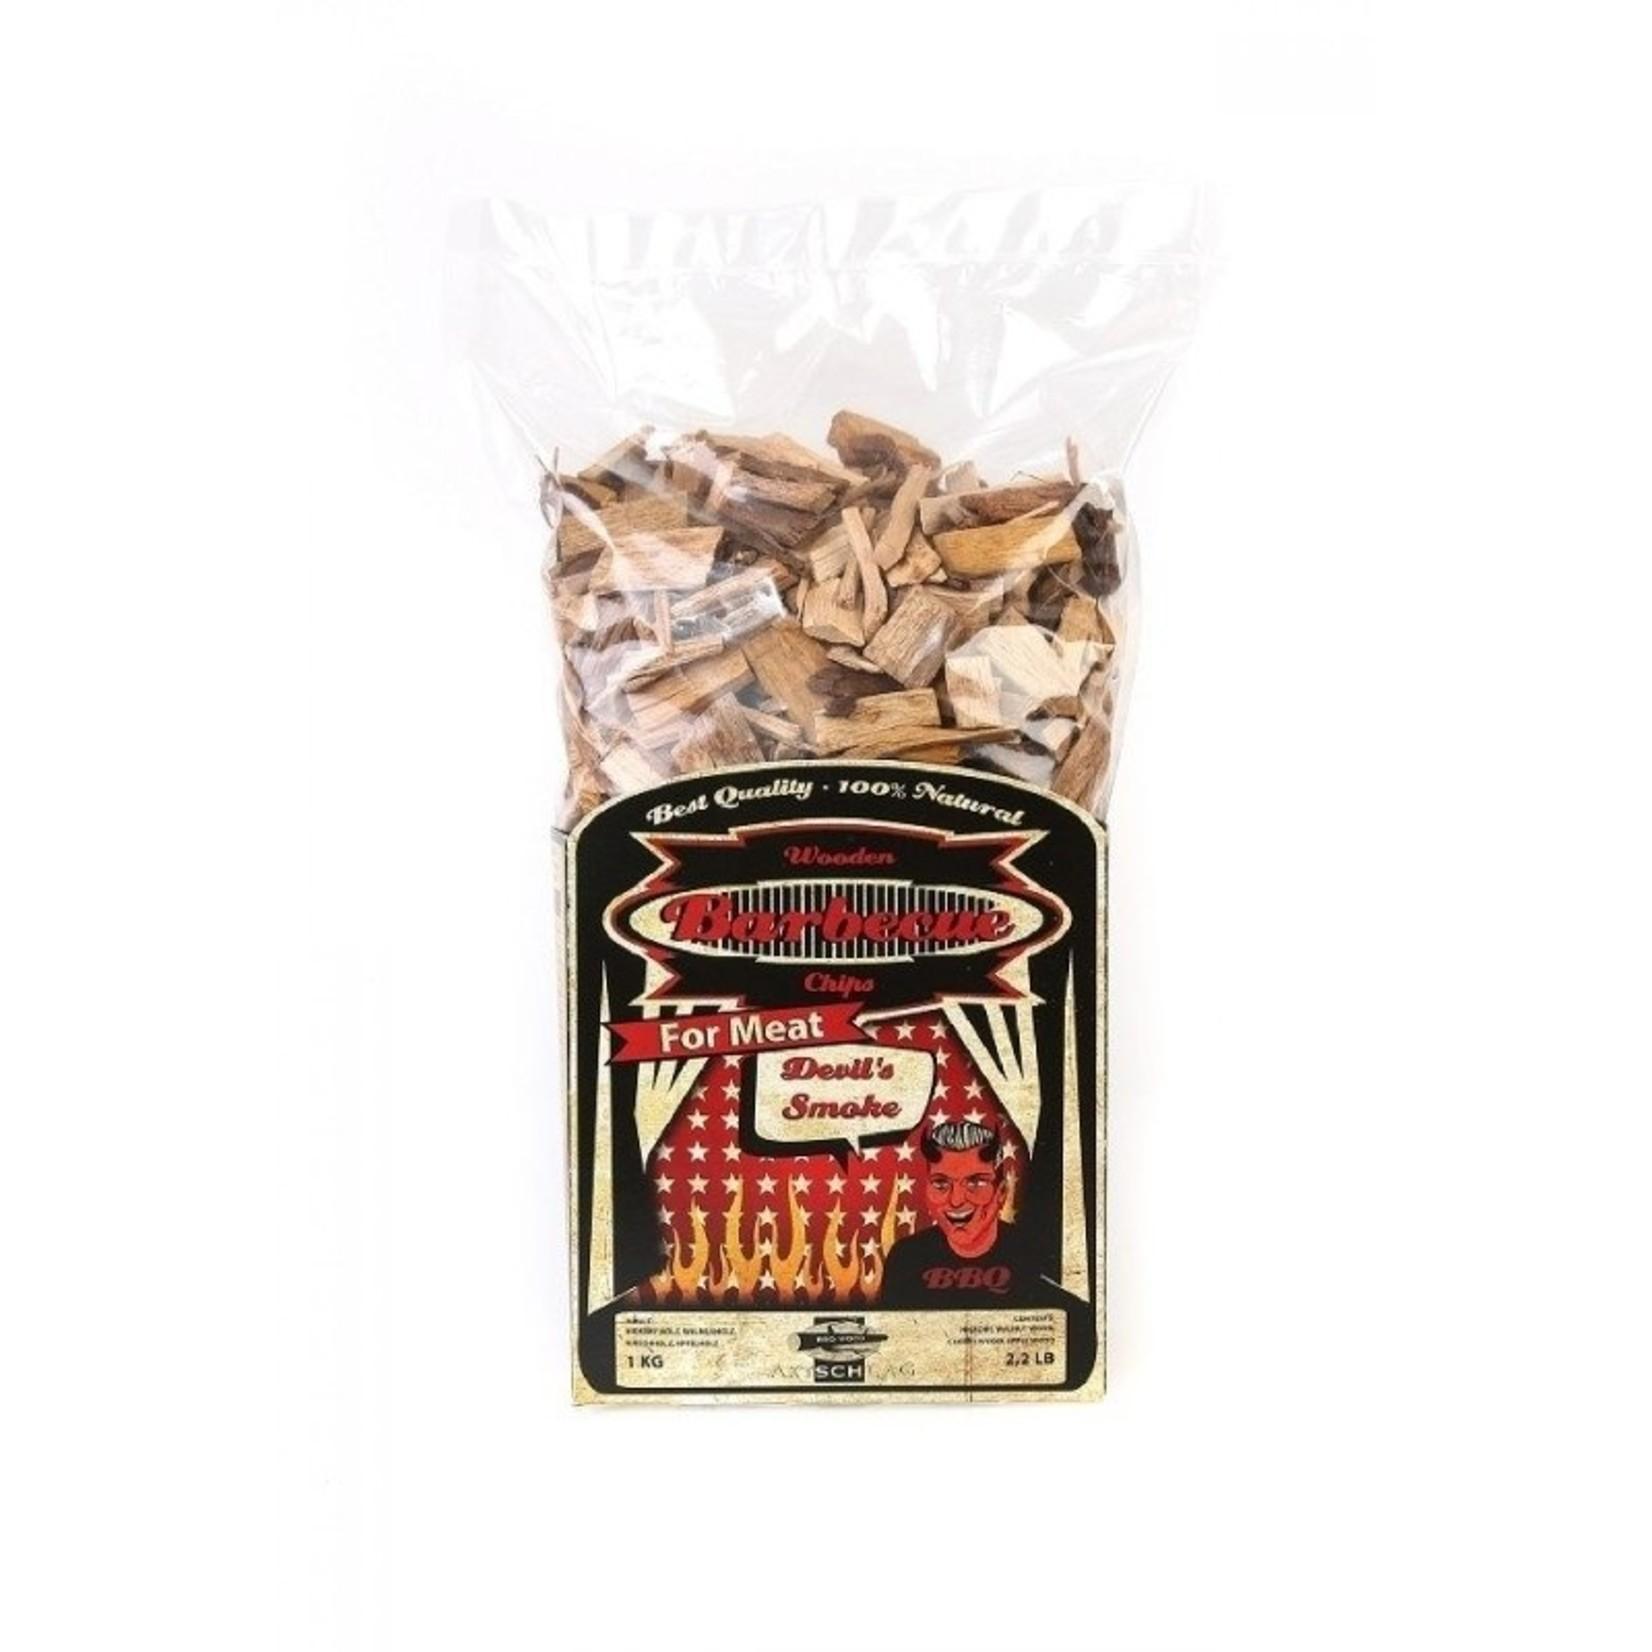 Axtschlag Axtschlag wood bbq chips Devils smoke